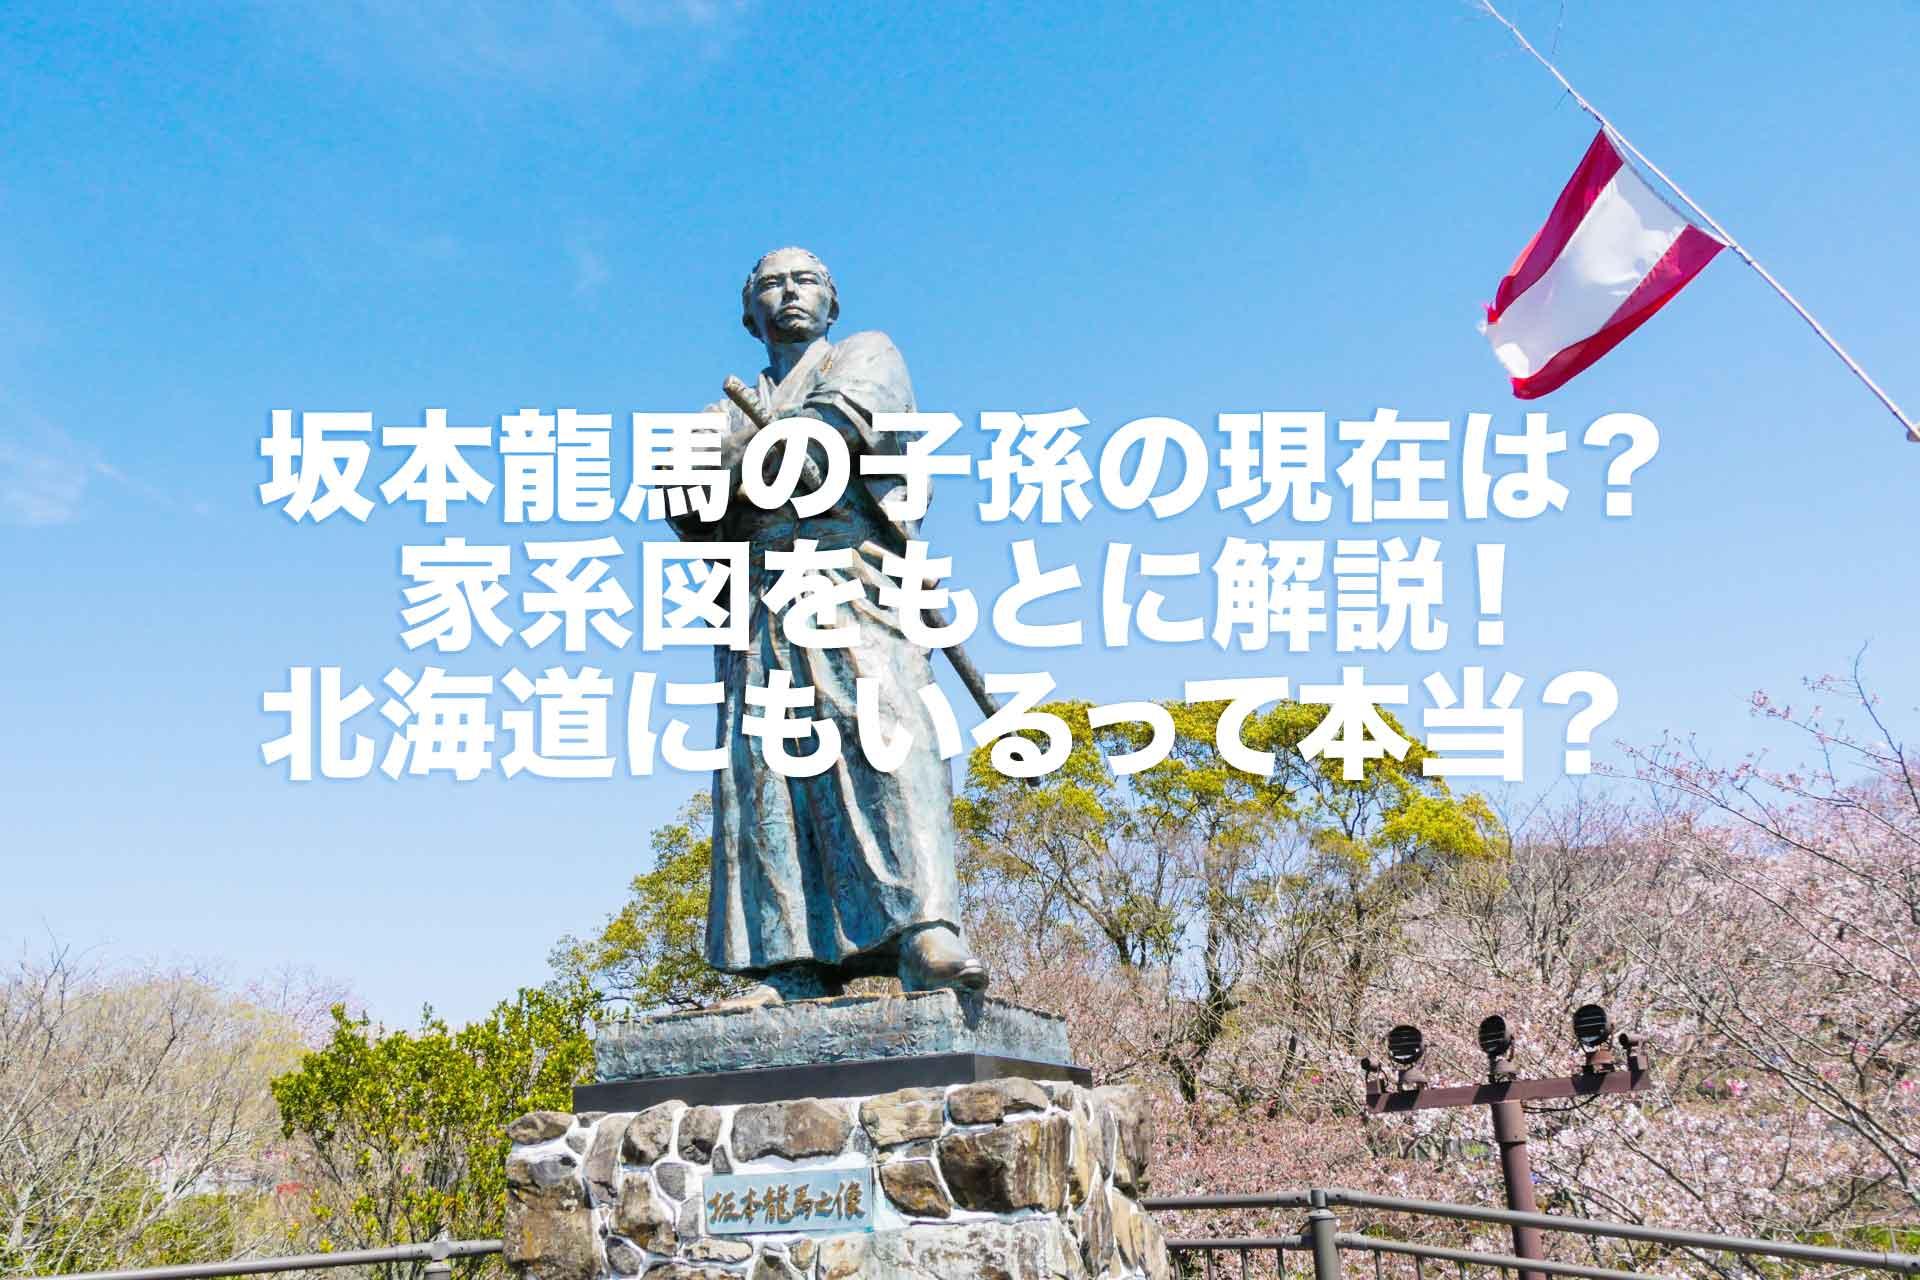 坂本龍馬の子孫の現在は?家系図をもとに解説!北海道にもいるって本当?